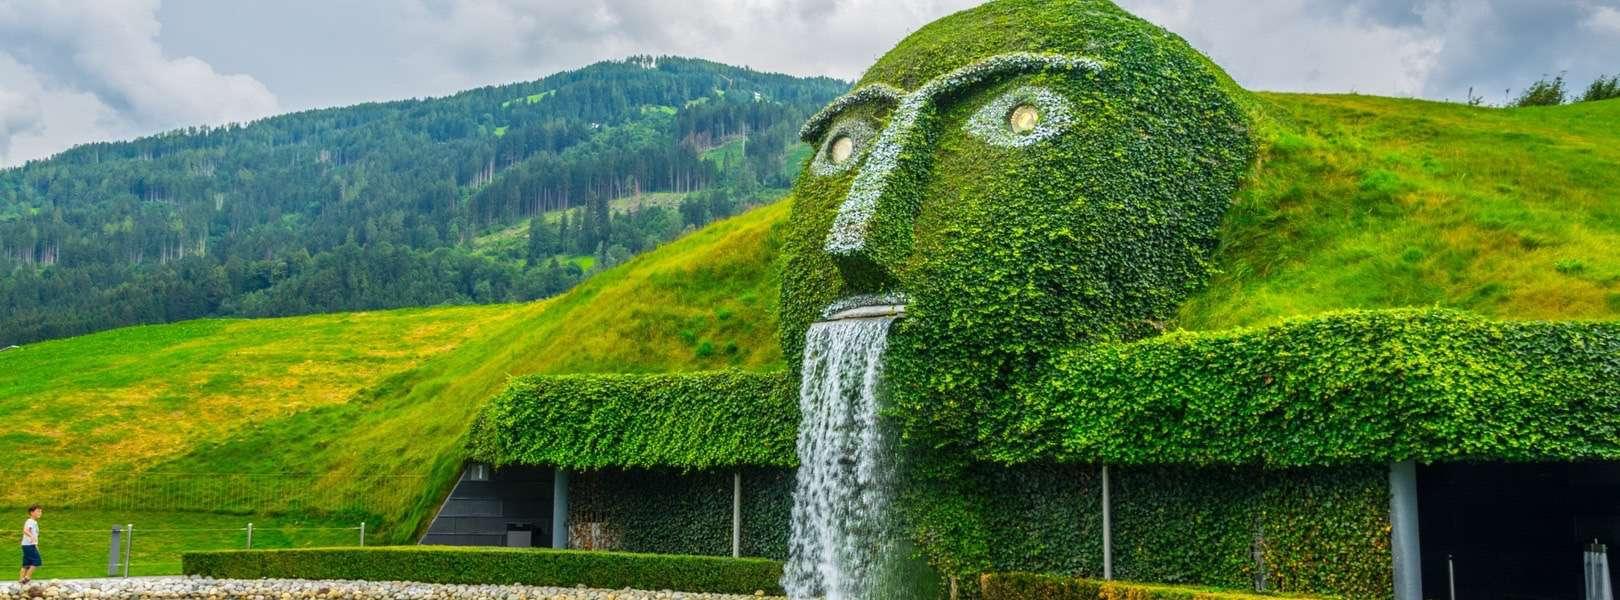 Swarovski Kristallwelten in Wattens mitten in Österreich